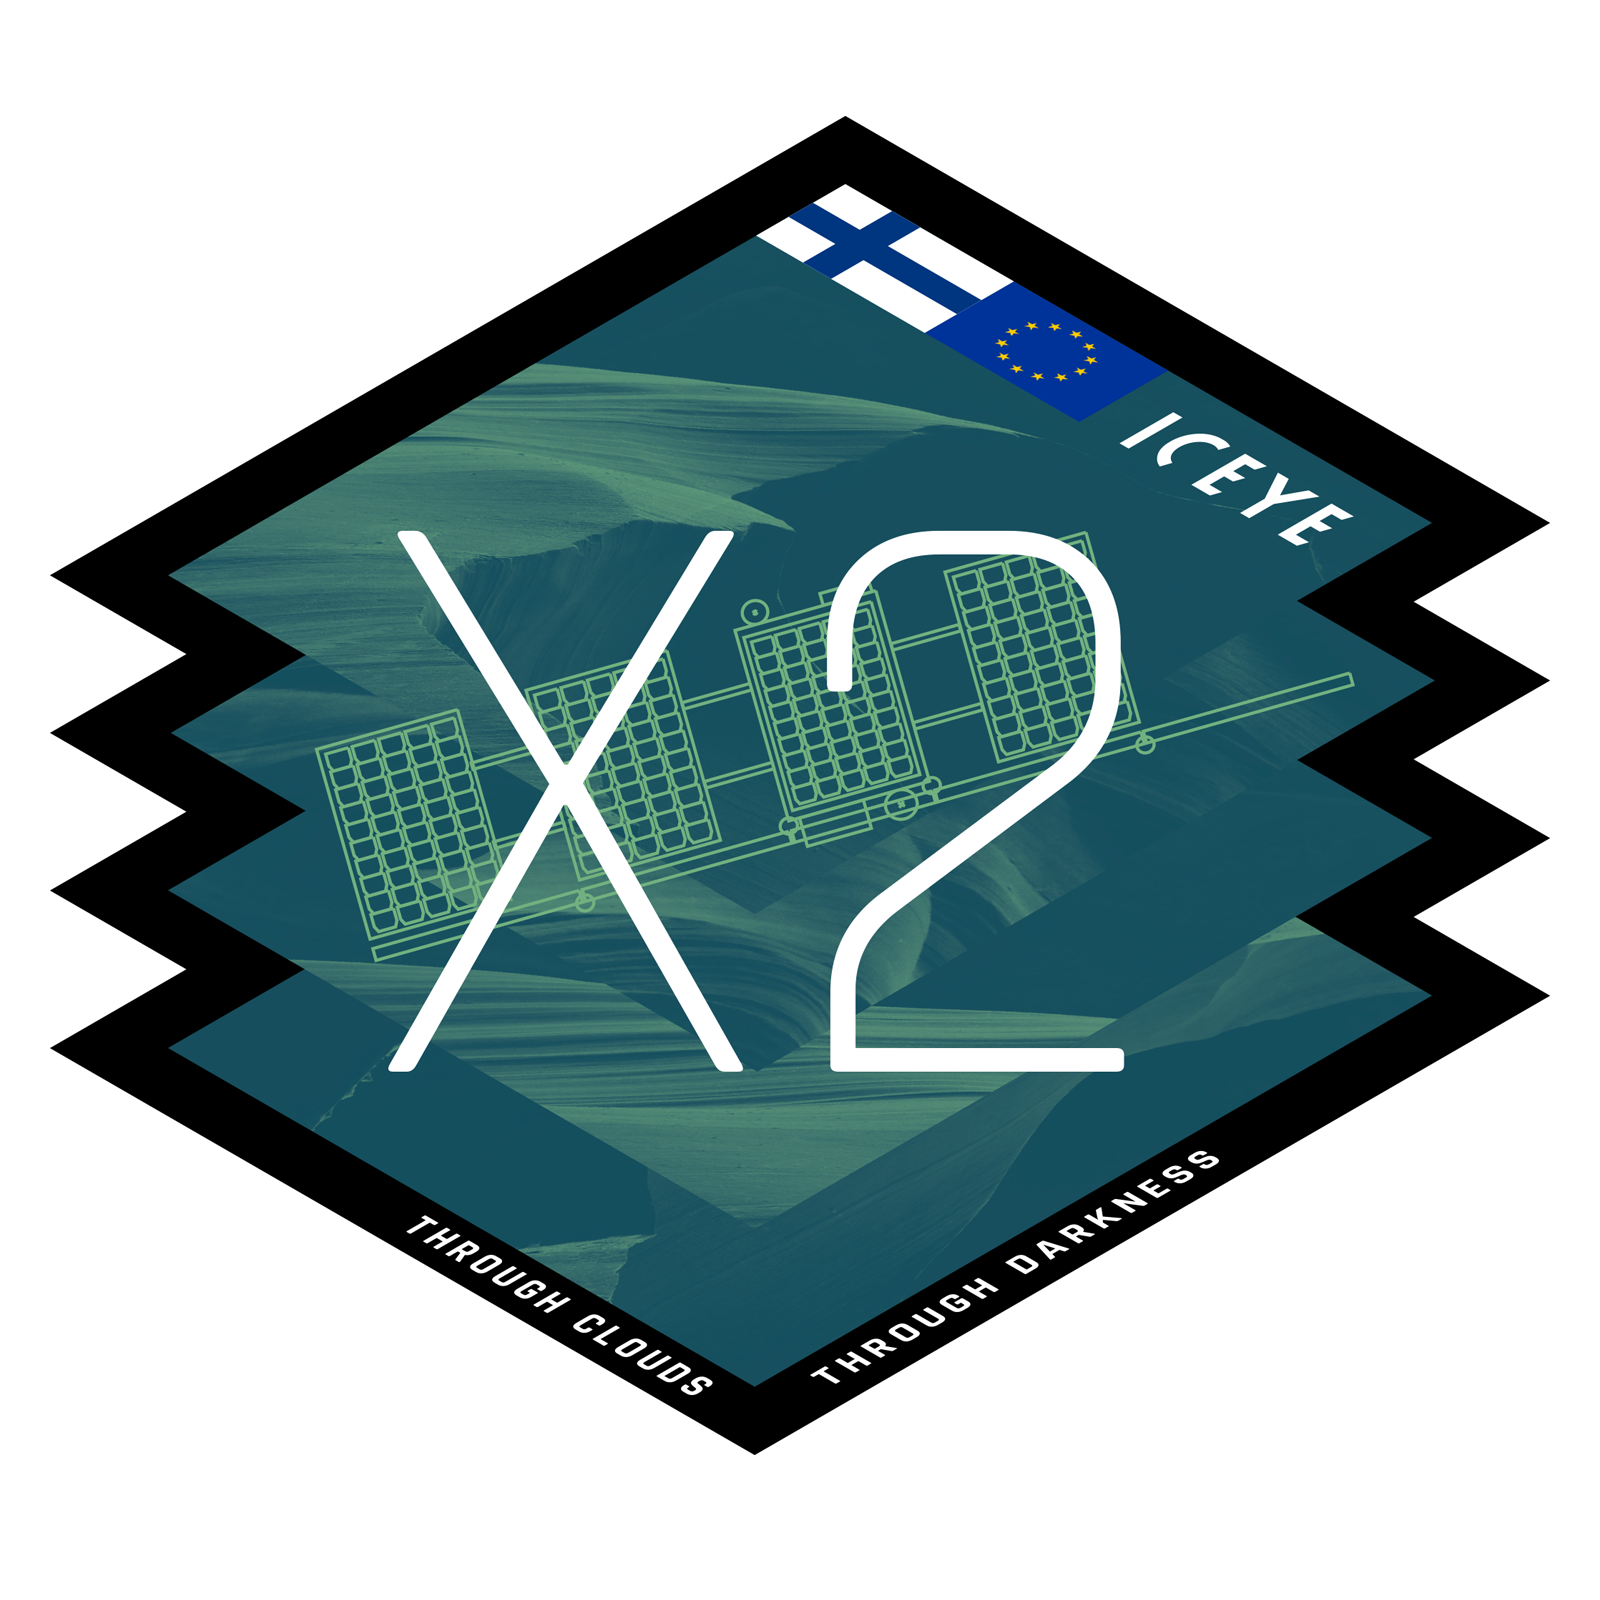 ICEYE-X2-mission-logo-1600-1